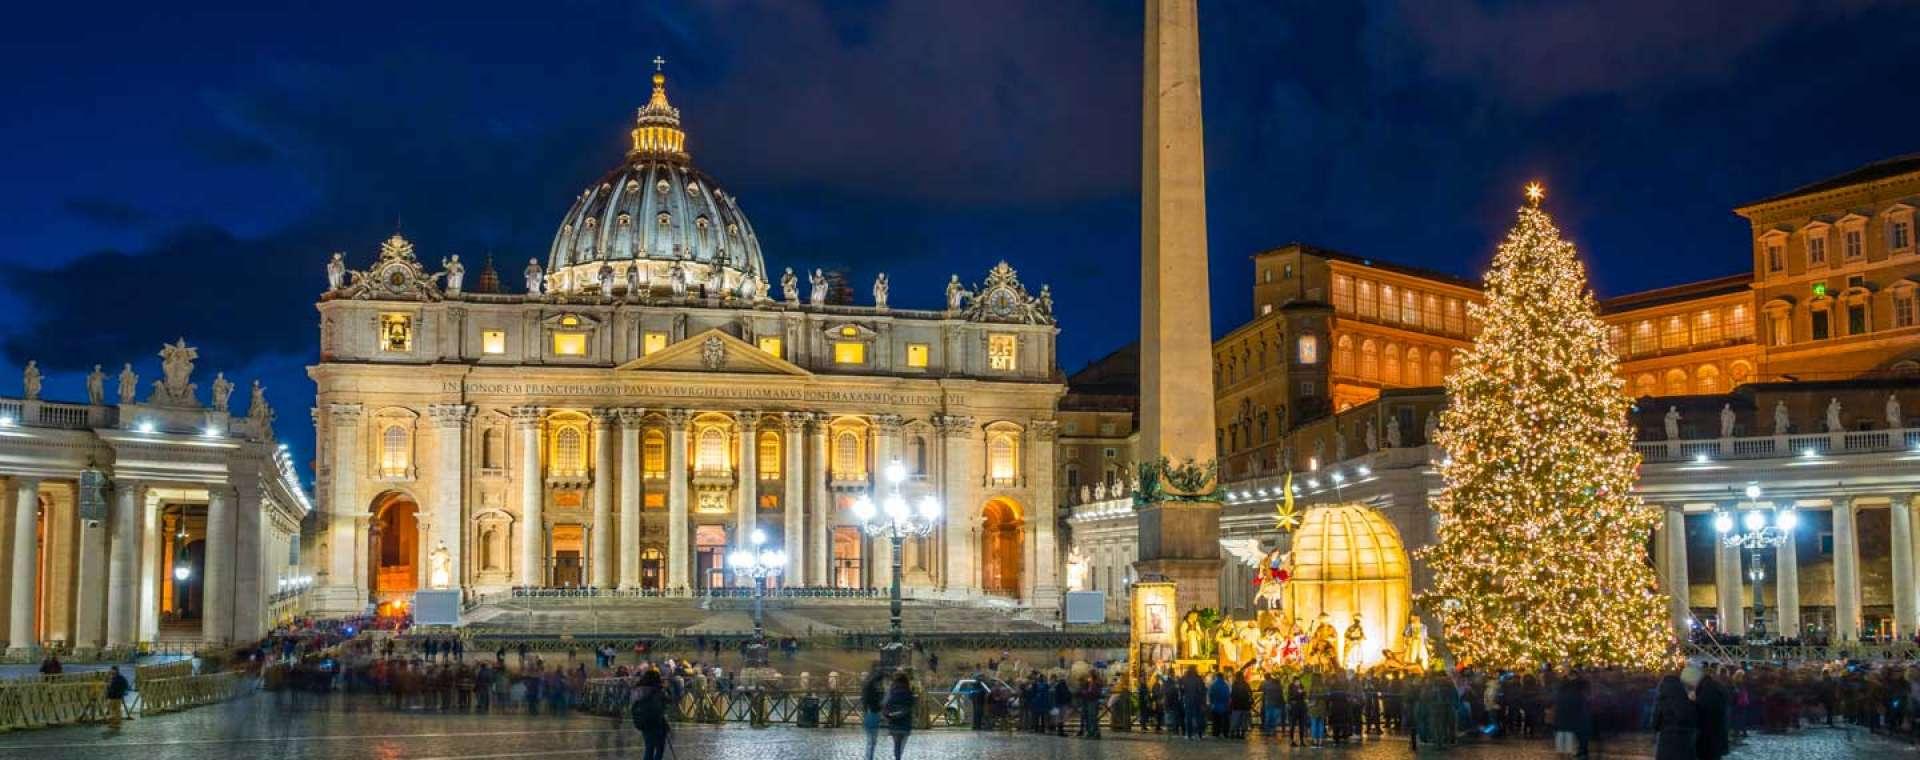 December Festivals in Italy